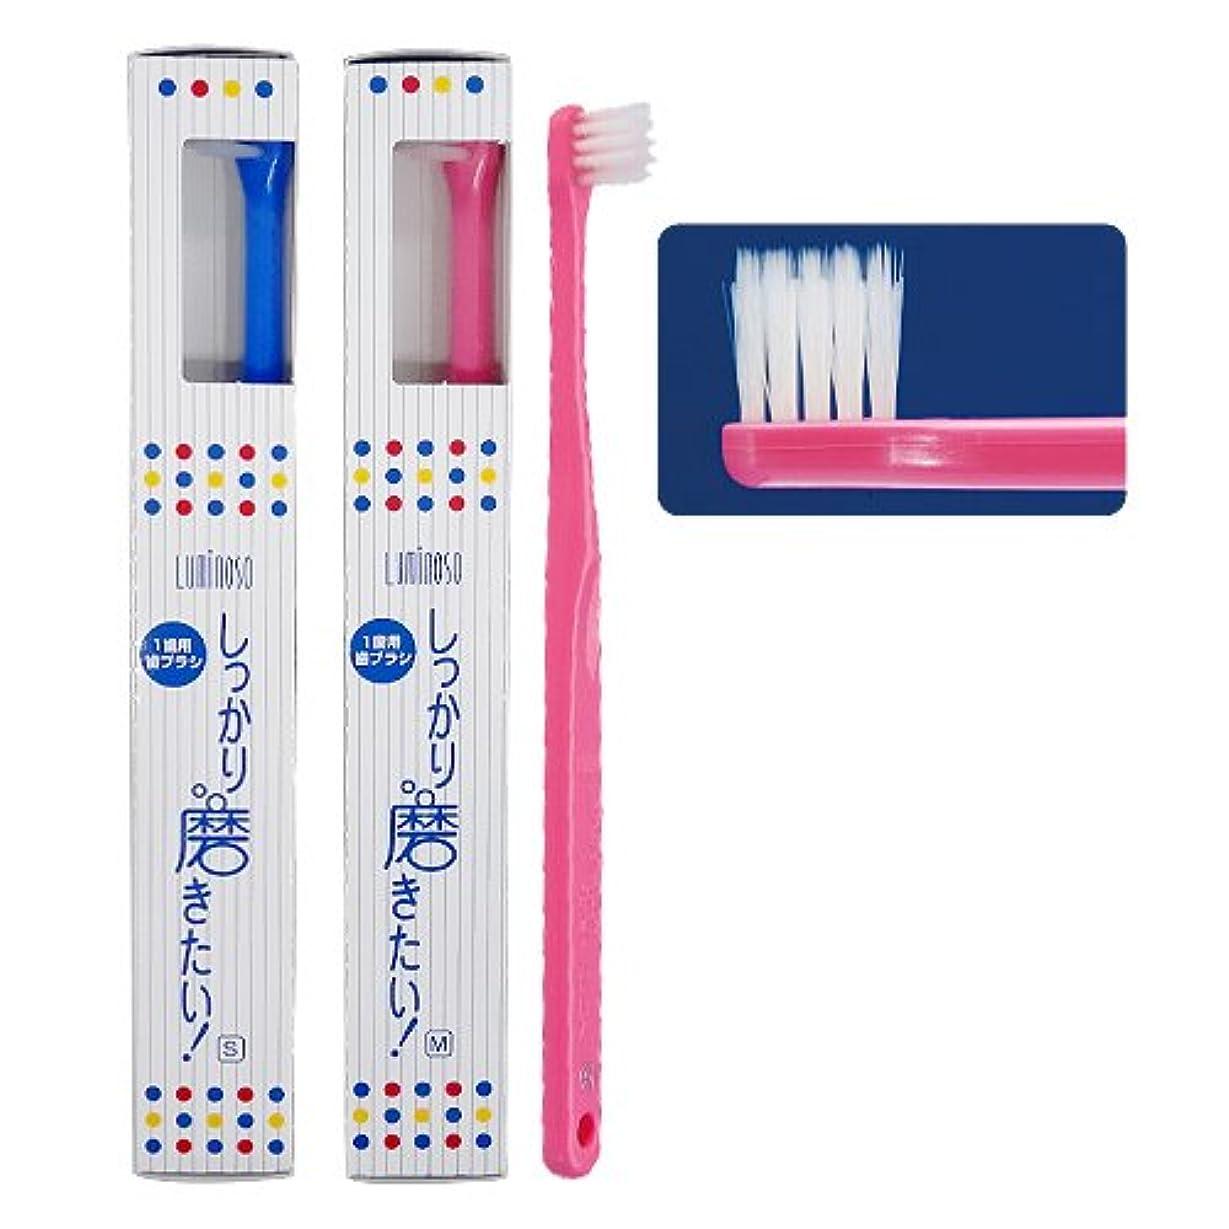 ブーストチーフヘルシールミノソ 1歯用歯ブラシ 「しっかり磨きたい!」 スタンダード ミディアム